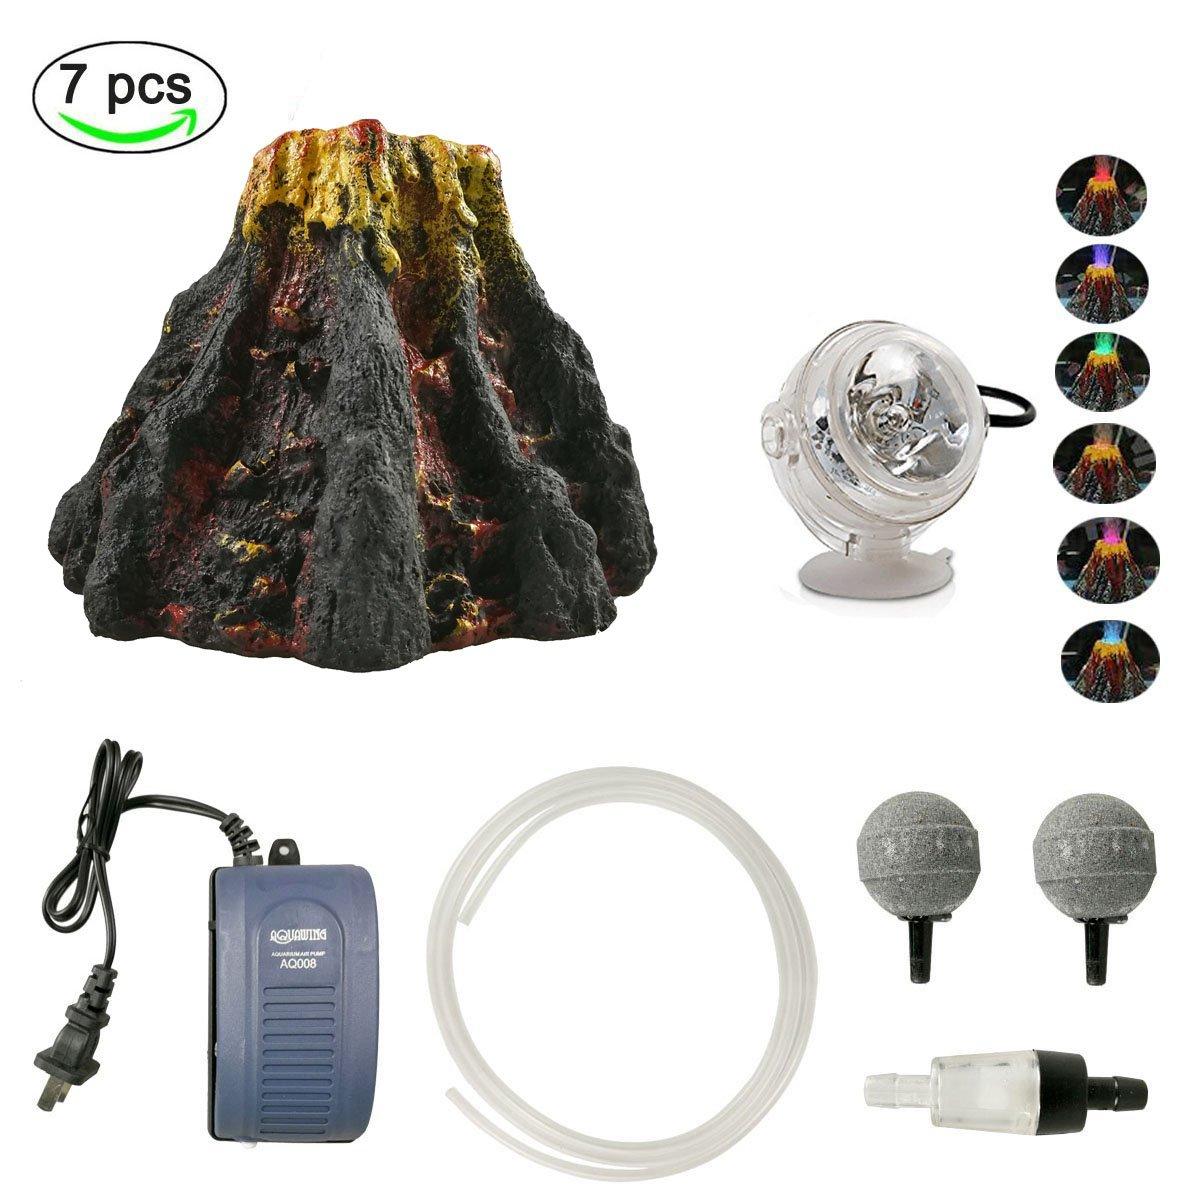 Yuxier - Kit de Adorno de volcán para Acuario con 7 focos LED de Color para decoración de acuarios: Amazon.es: Productos para mascotas